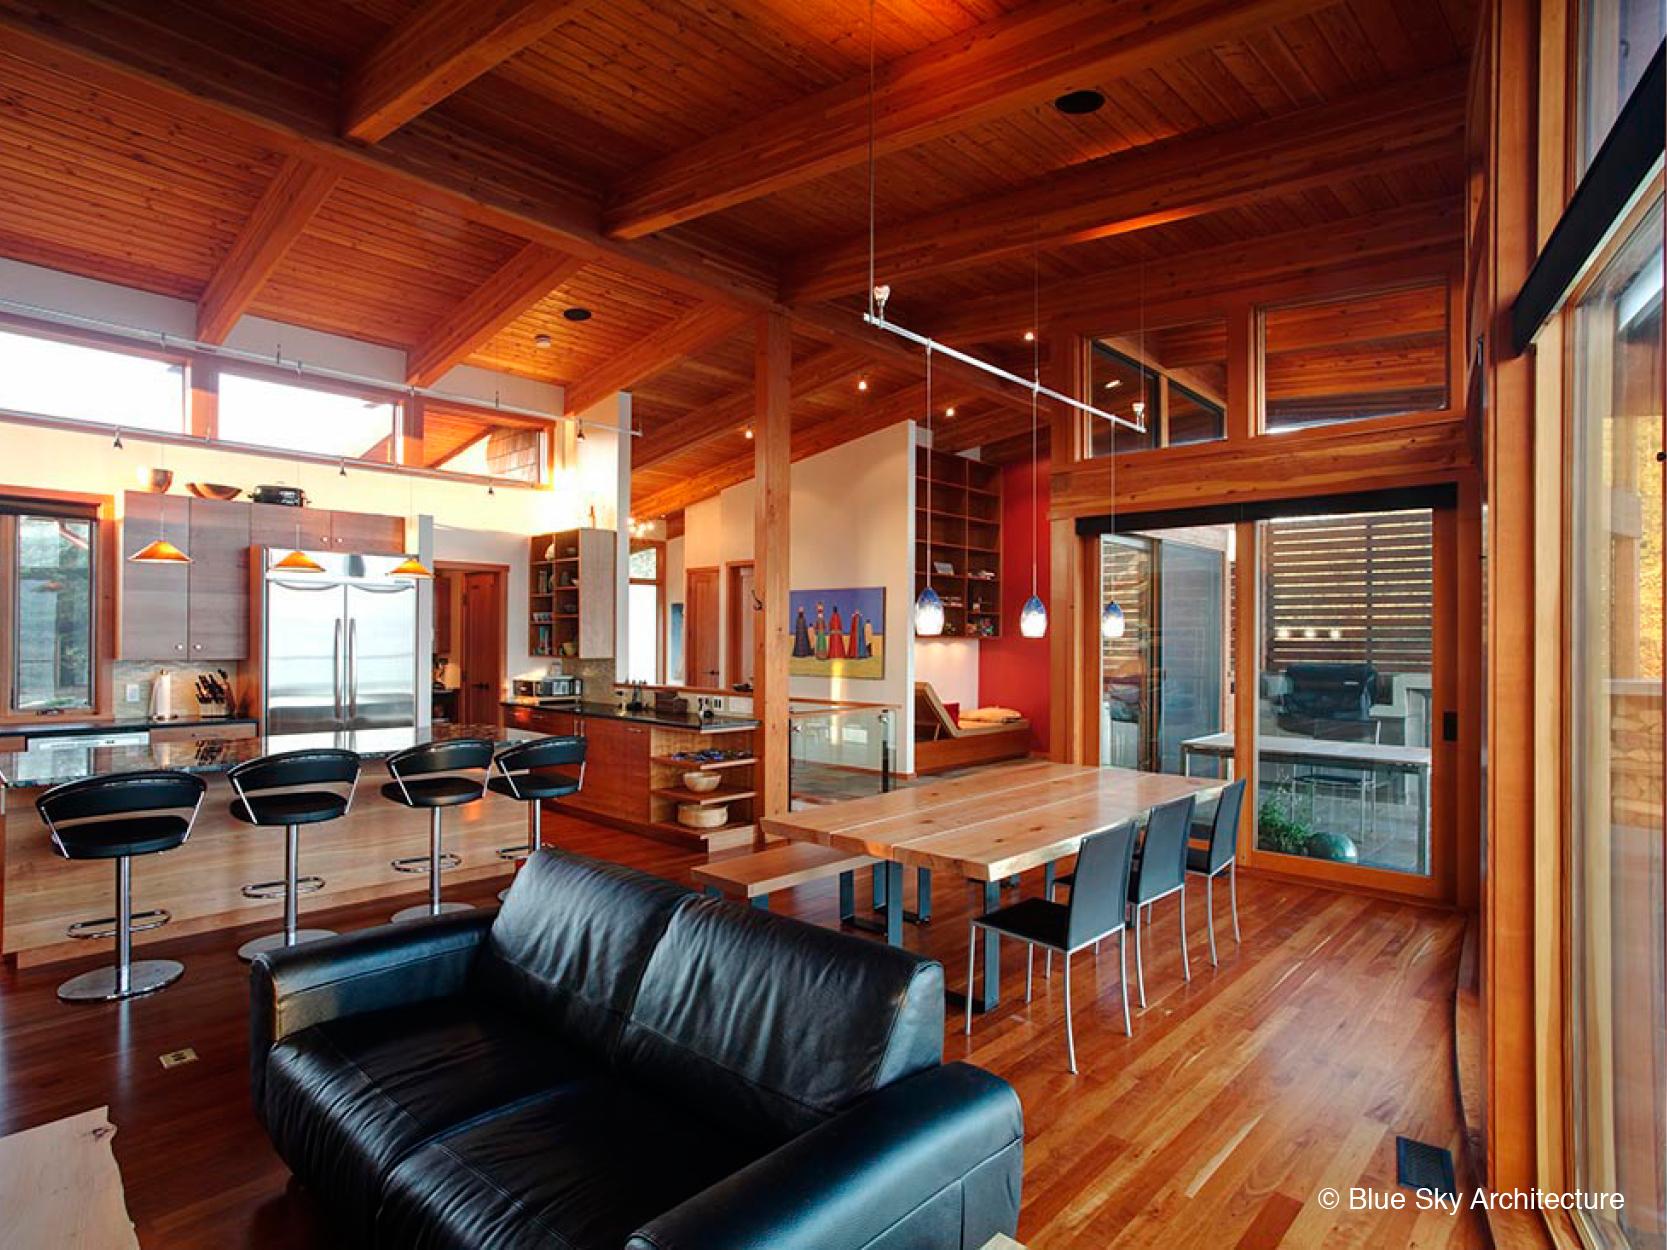 Custom Interior Design with Open Floor Plan